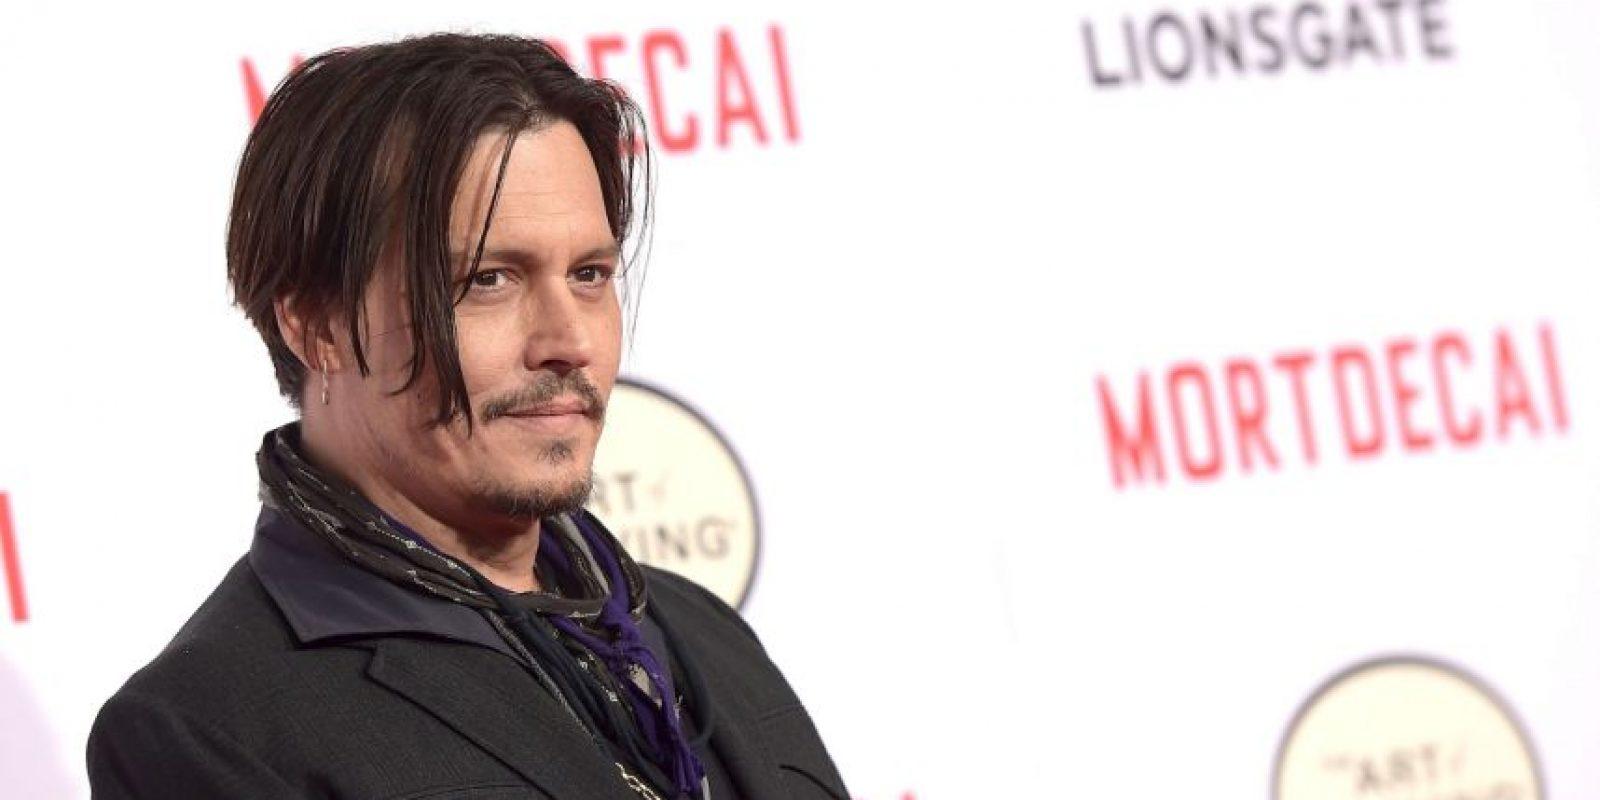 """Johnny Depp. En una entrevista con la revista """"GQ"""" habló de qué pasaría si sus hijos experimentaran con la marihuana. Ela actor dijo: """"Si deciden probar marihuana cuando sean mayores, prefiero ser su proveedor, ya que en la calle nunca sabes si estás recibiendo de la buena"""". Foto:Getty Images"""